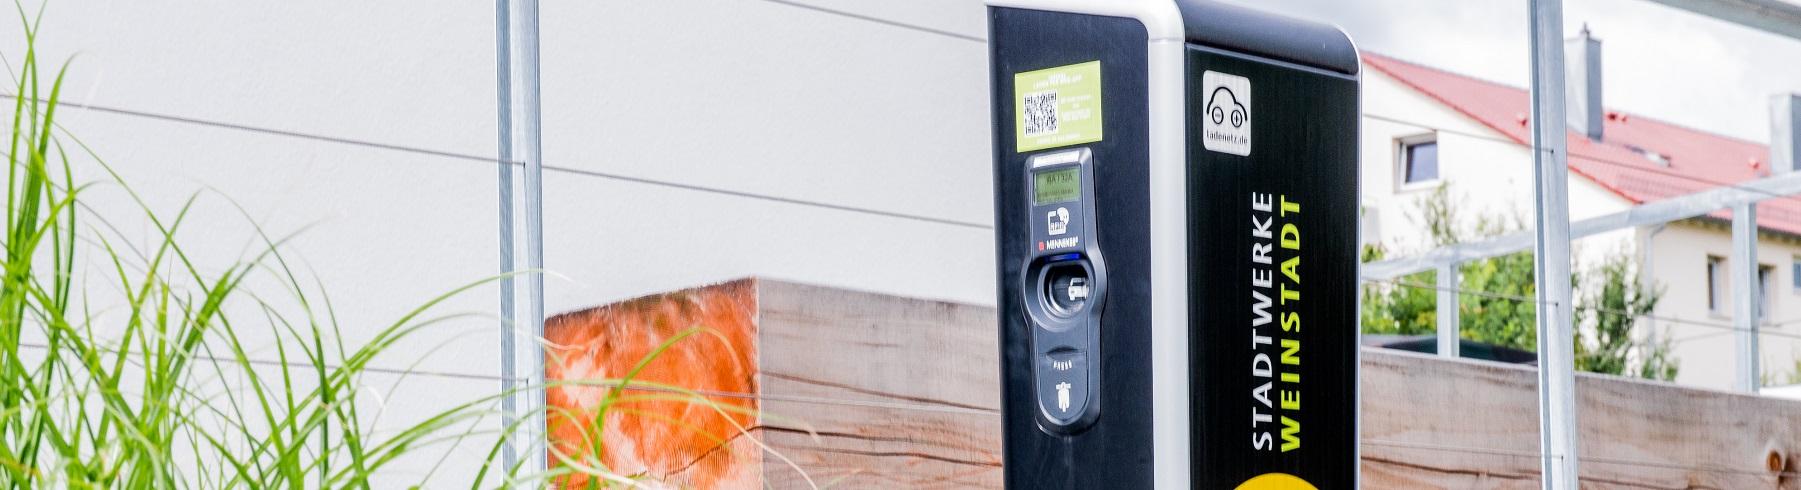 Ladesäule E-Tankstelle Weinstadt